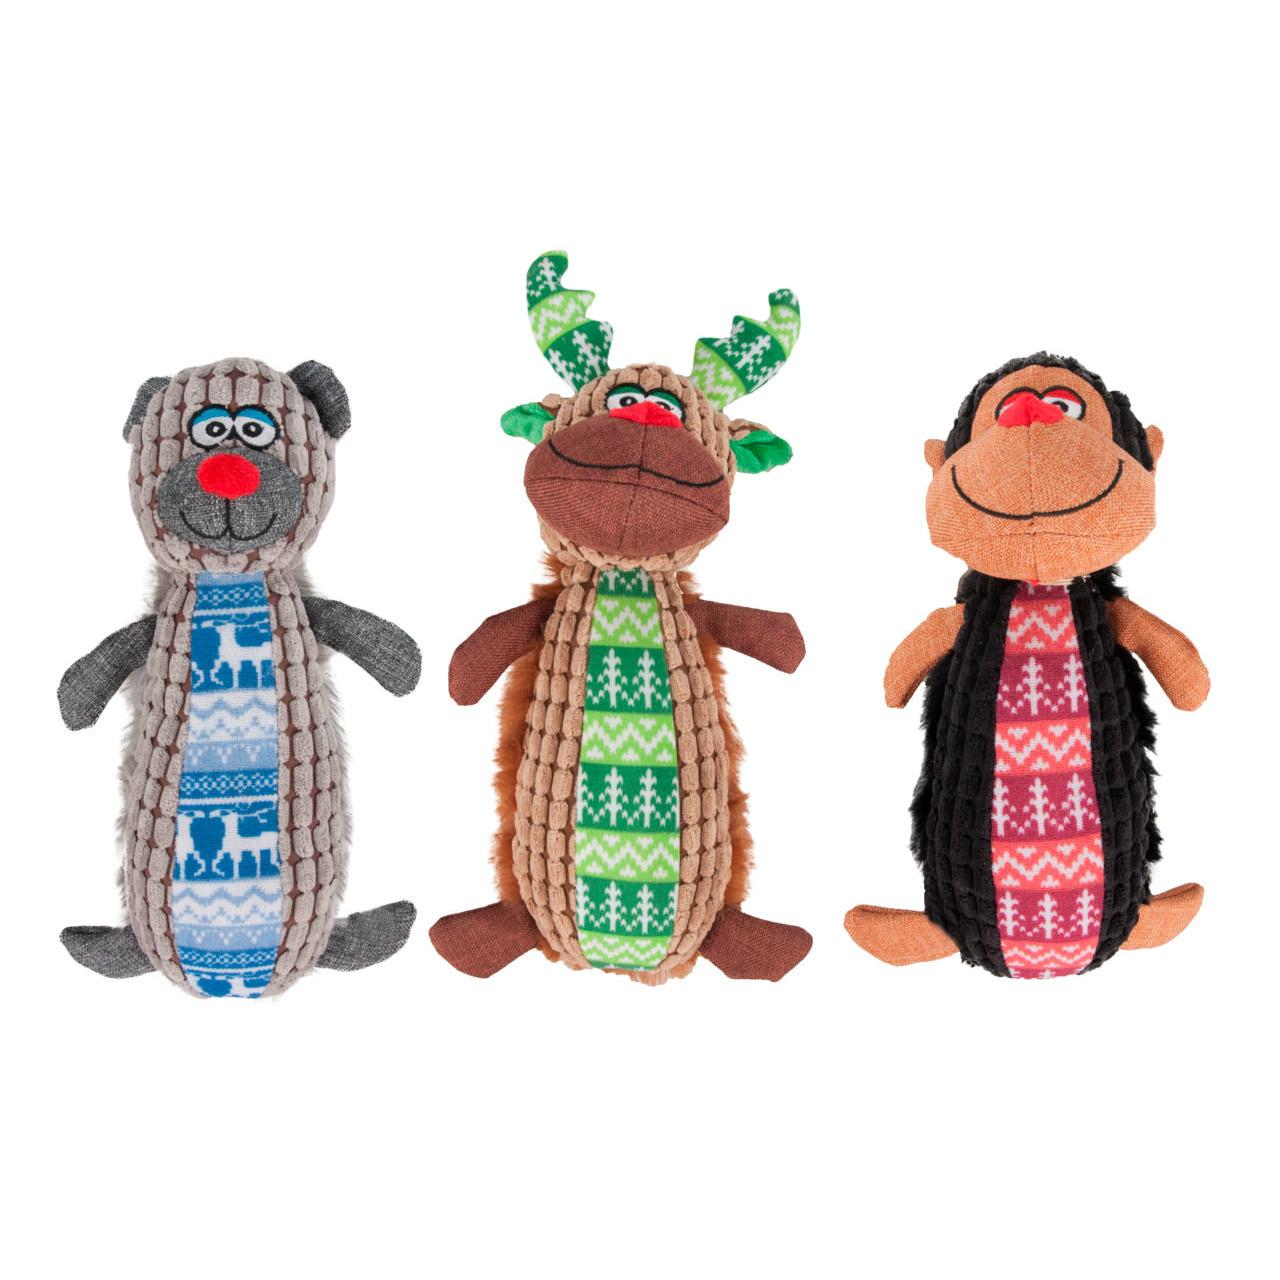 Karlie Hunde Weihnachtsspielzeug Plüsch, Bild 2